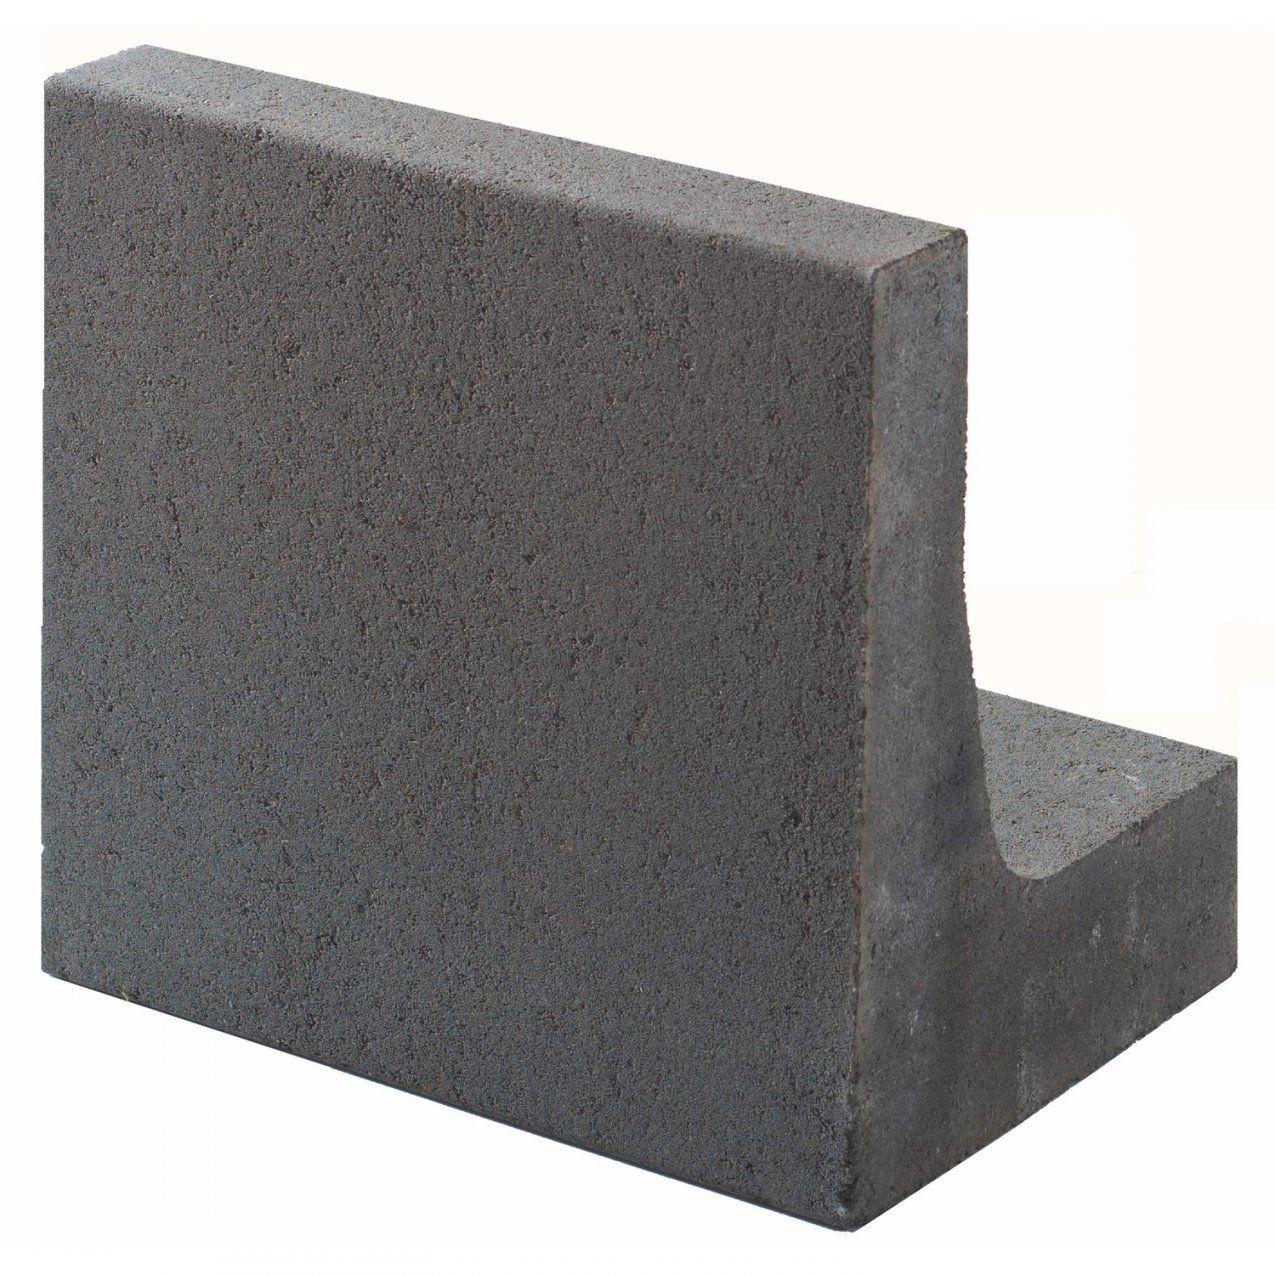 Kann Winkelstein Grau H 40 Cm X B 40 Cm X T 30 Cm Kaufen Bei Obi von Beton U Steine Obi Bild